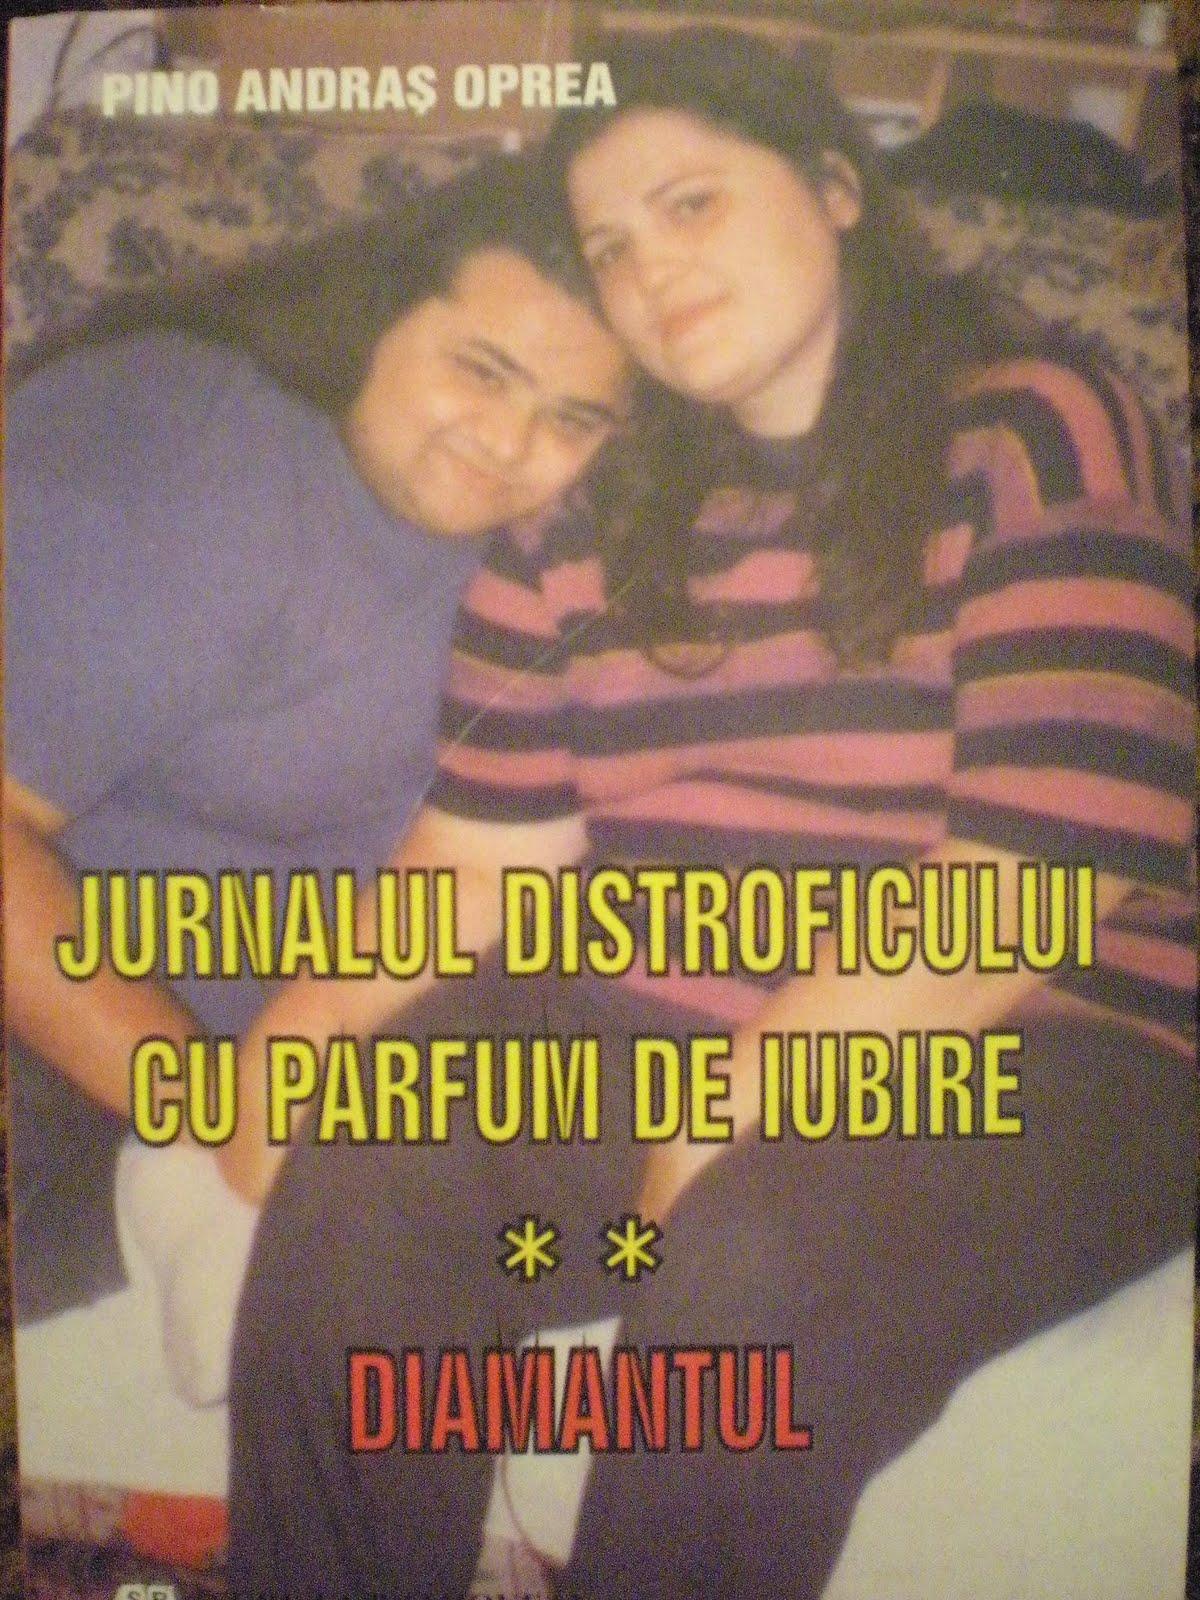 """""""JURNALUL DISTROFICULUI CU PARFUM DE IUBIRE"""" Vol. 2 """"DIAMANTUL"""""""